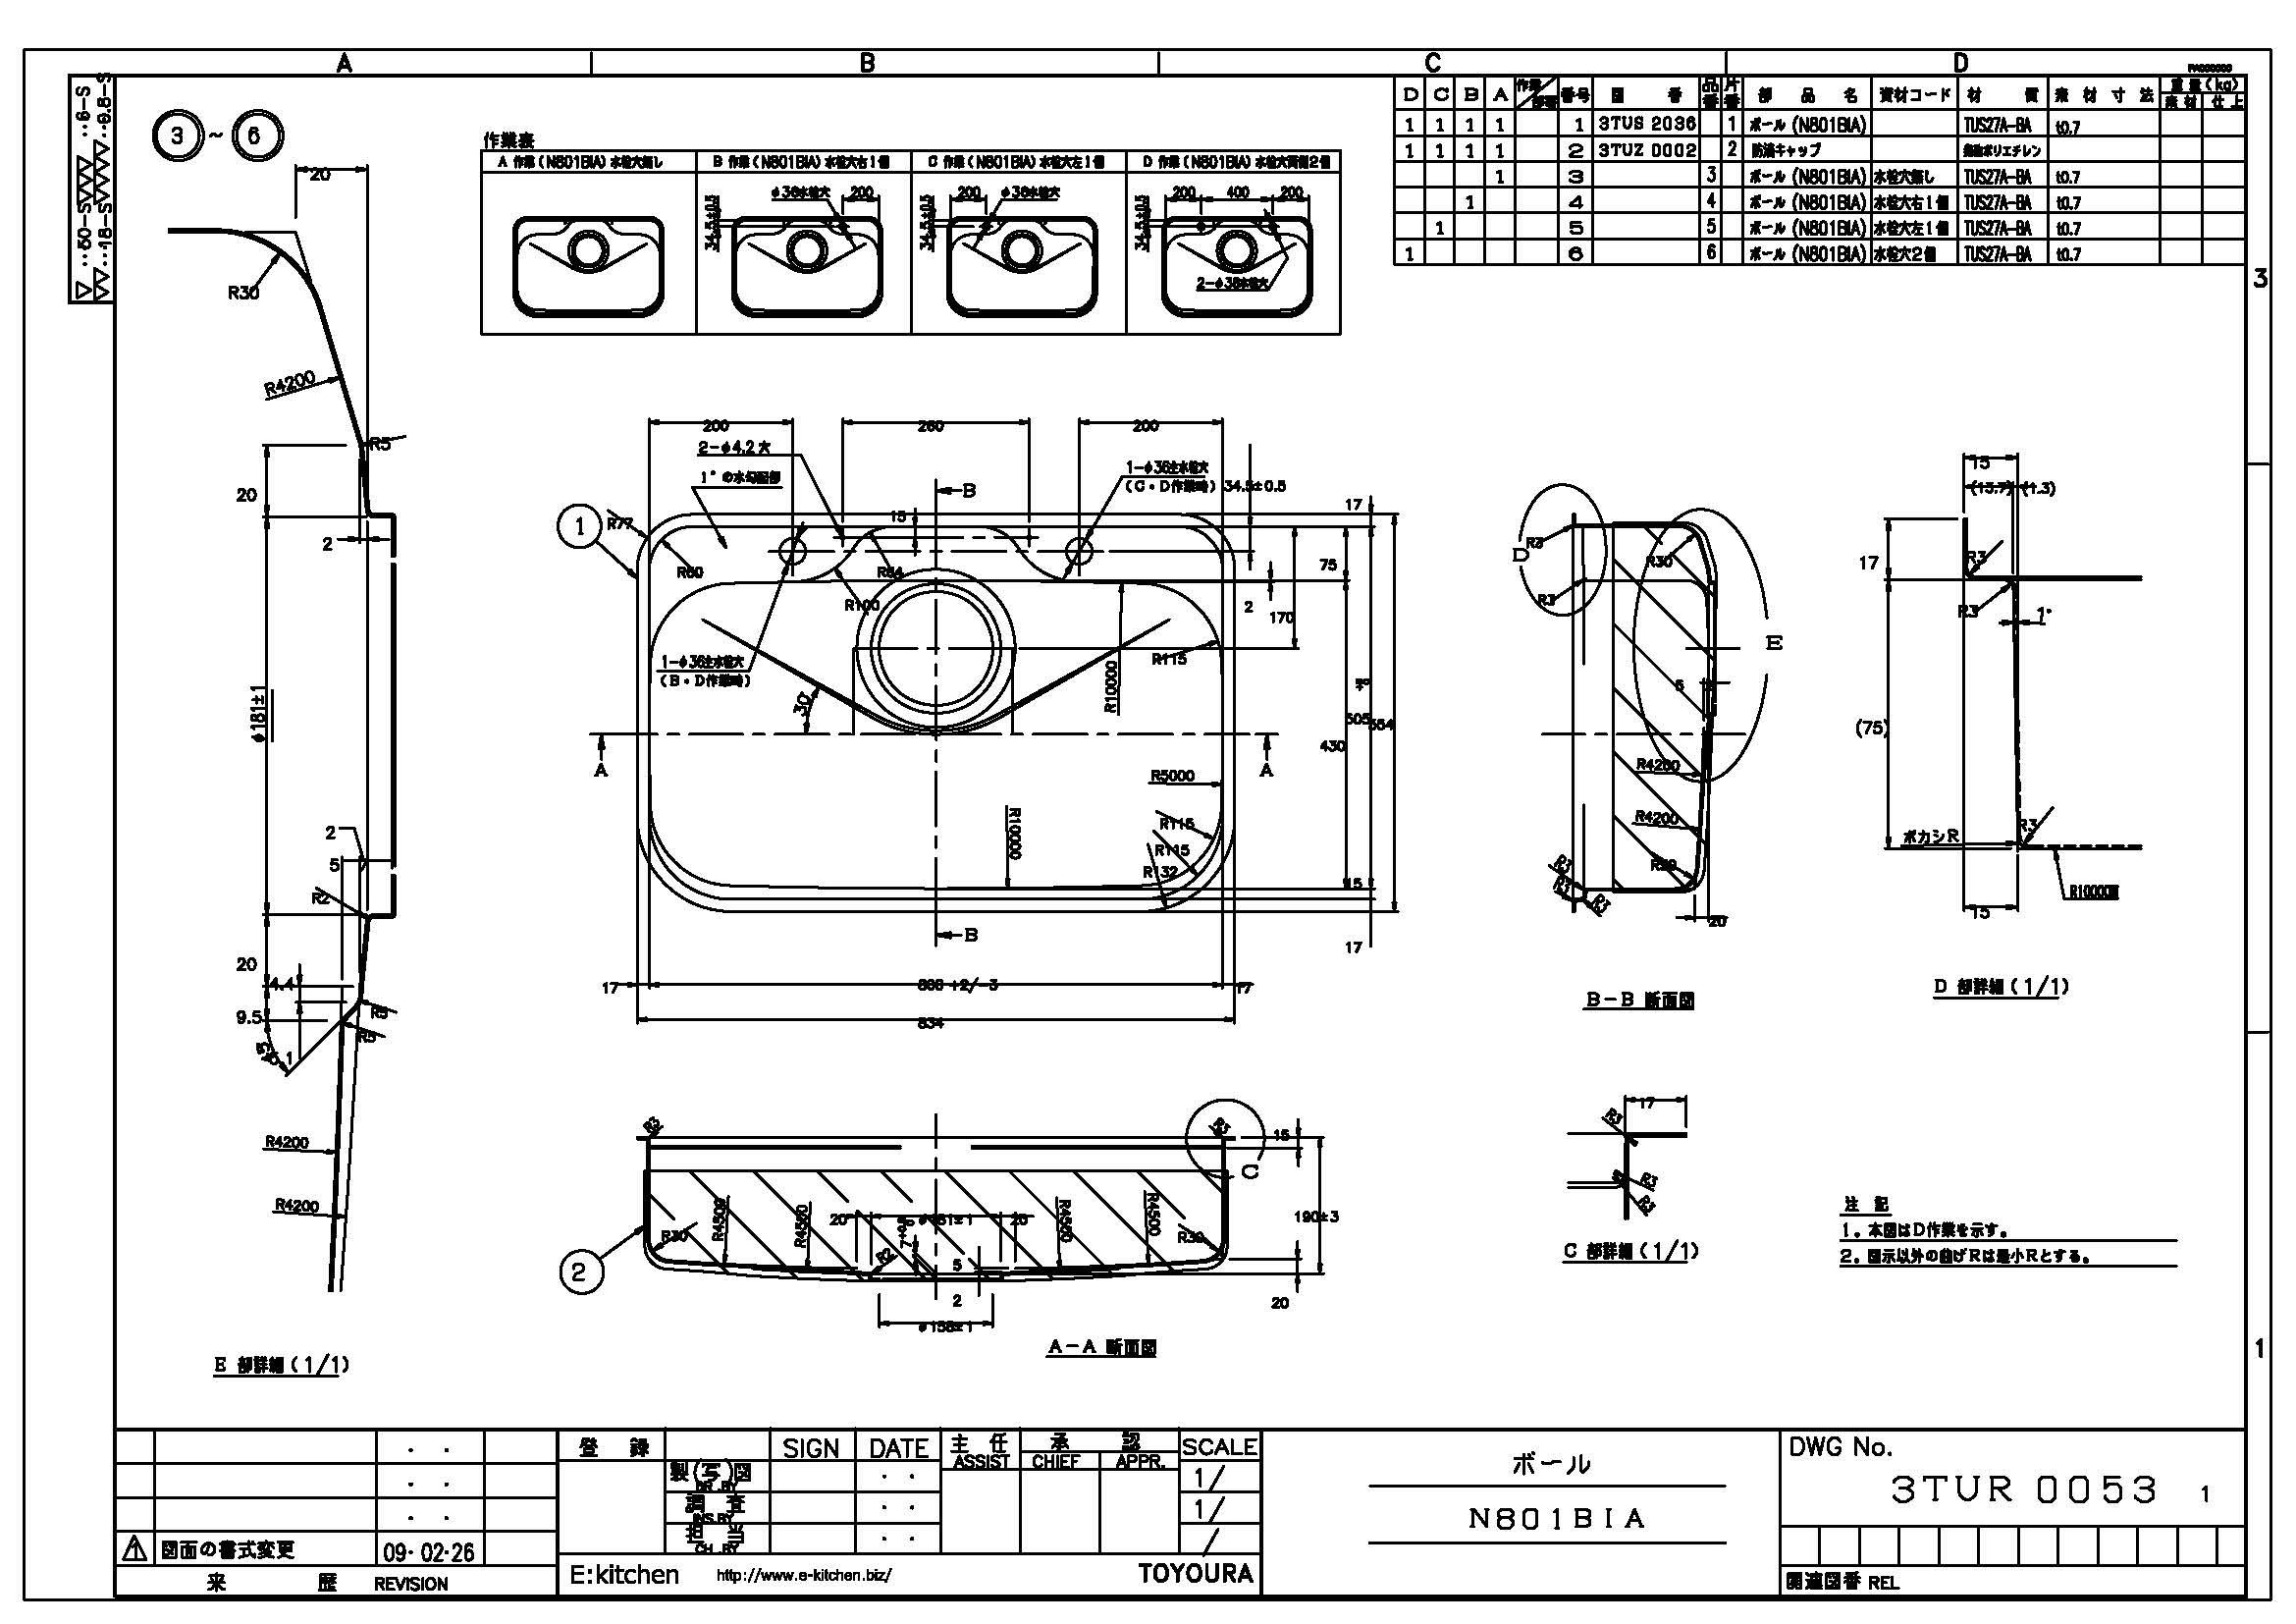 アンダーシンク N801BIA